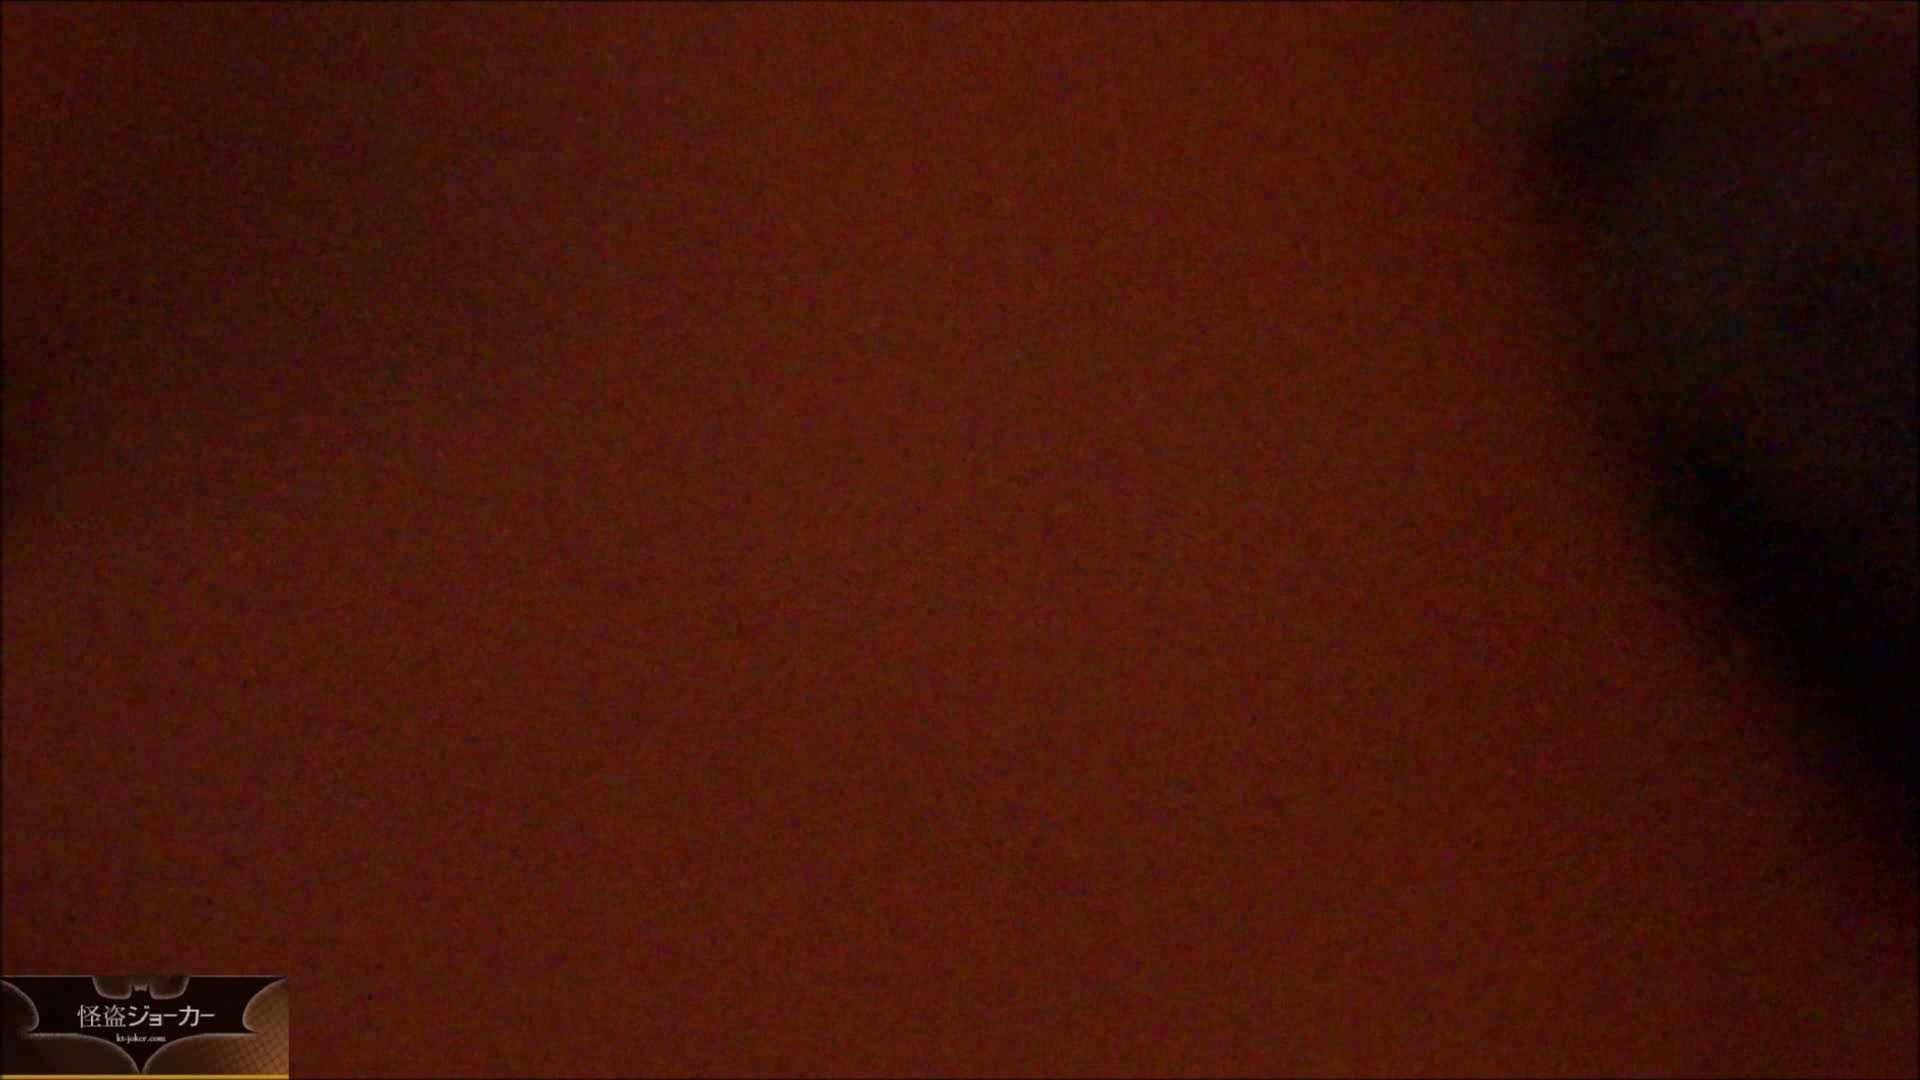 【未公開】vol.31 朋葉を目民り姫にして味比べ・・・ エロいOL エロ無料画像 71枚